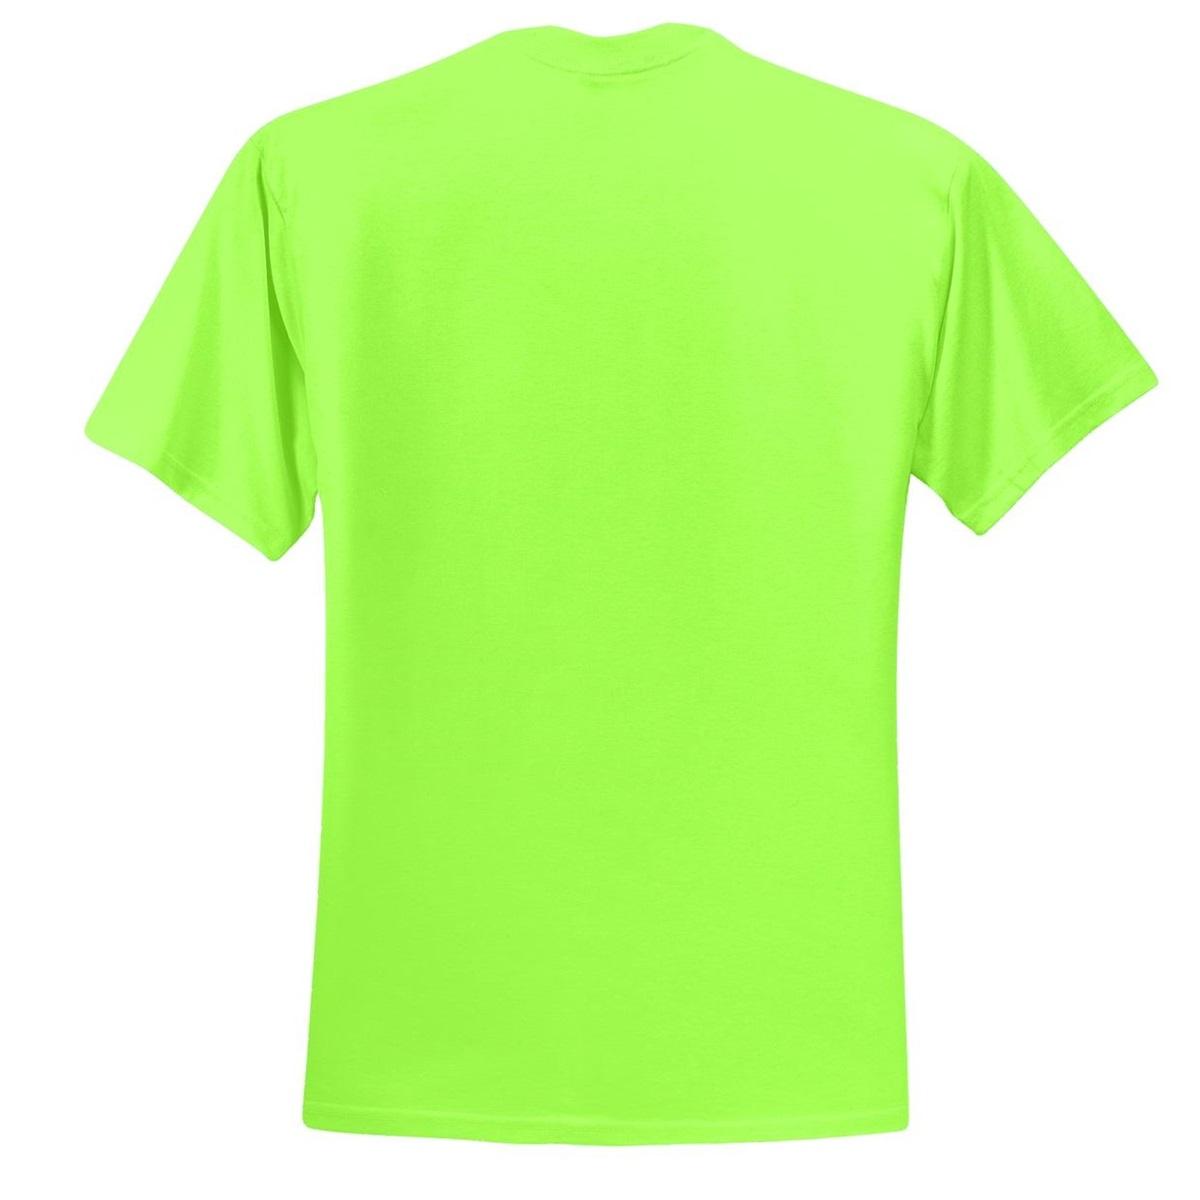 Jerzees 29M Heavyweight Blend 50/50 Cotton/Poly T-Shirt ...